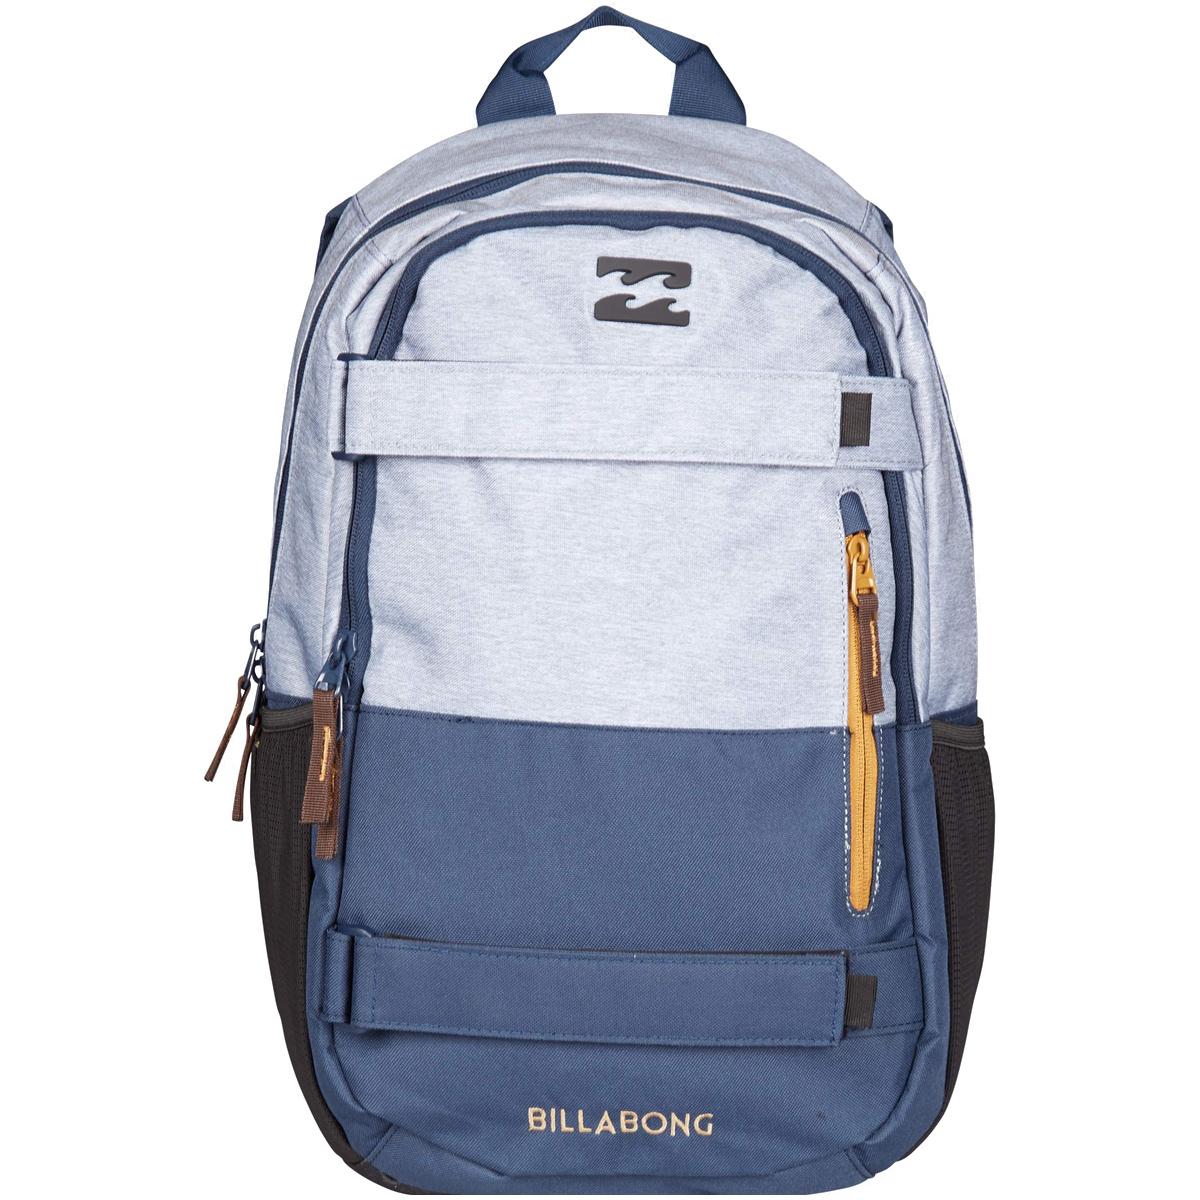 Рюкзак городской Billabong No Comply, цвет: серый, синий. 36078693686843607869368684Удобный рюкзак объемом 25 литров, дополненный ремнями для крепления скейтборда и отделением для ноутбука. Отличная модель, которая позволит с комфортом передвигаться по городу со скейтом, освободив руки, а также не переживать за сохранность ПК. Достаточный объем уверенно удовлетворит повседневные потребности, а эргономичные лямки подарят комфорт при транспортировке даже тяжело нагруженного рюкзака.